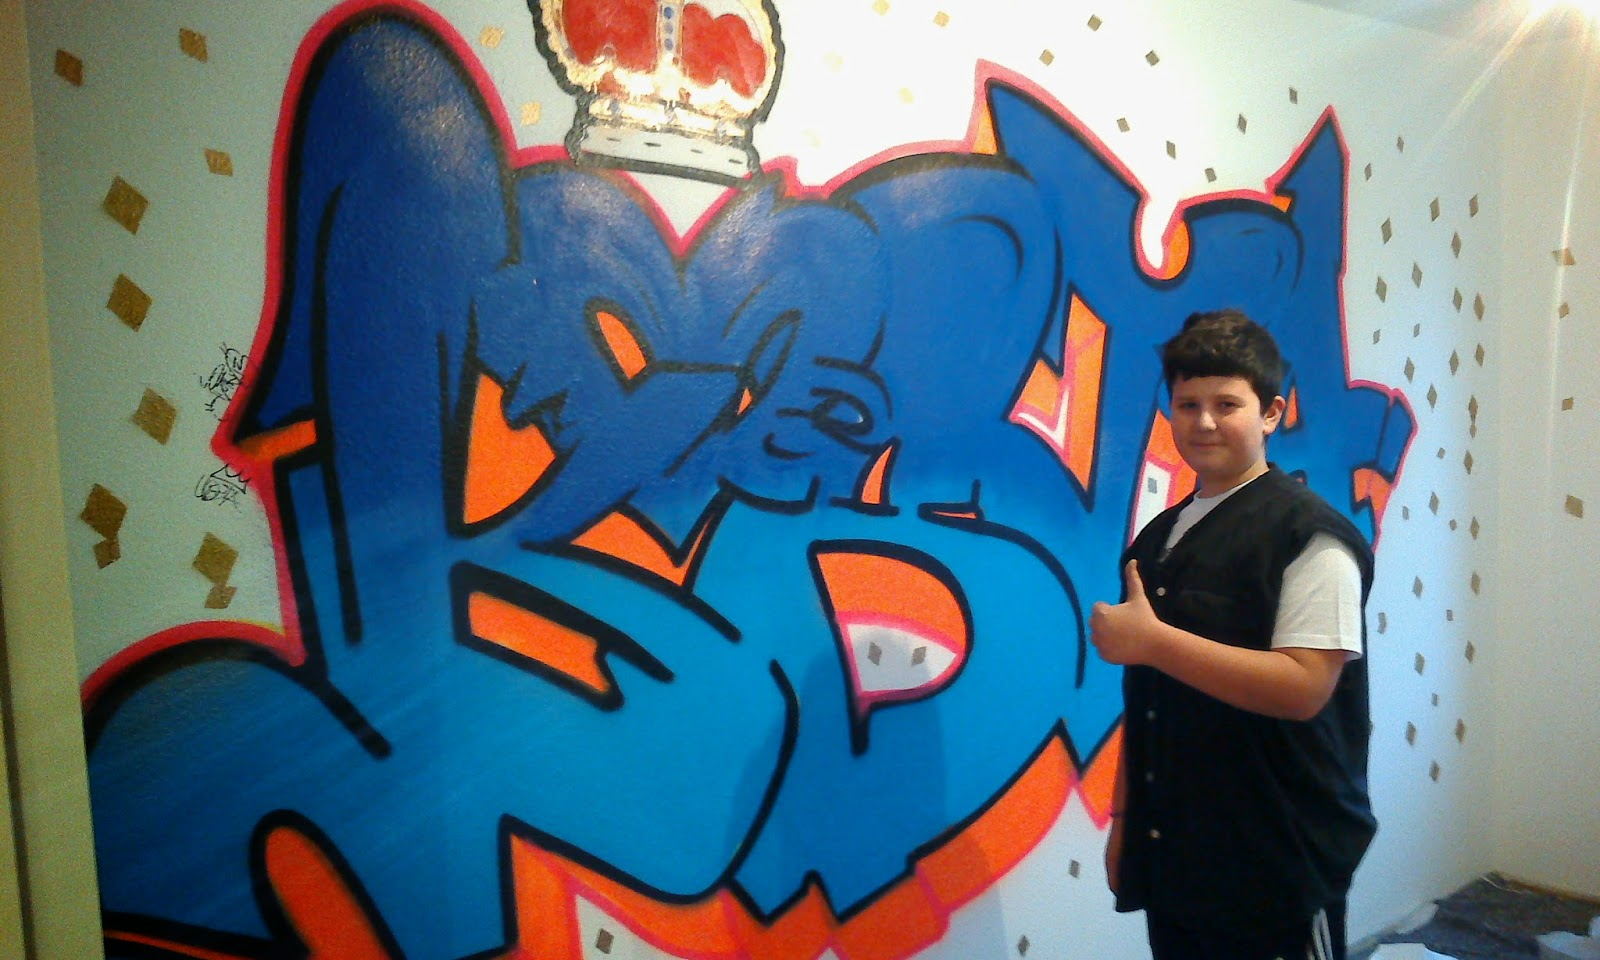 Vorbereitung und durchf hrung auftrag bei kosta go4graffiti - Graffiti zimmerwand ...